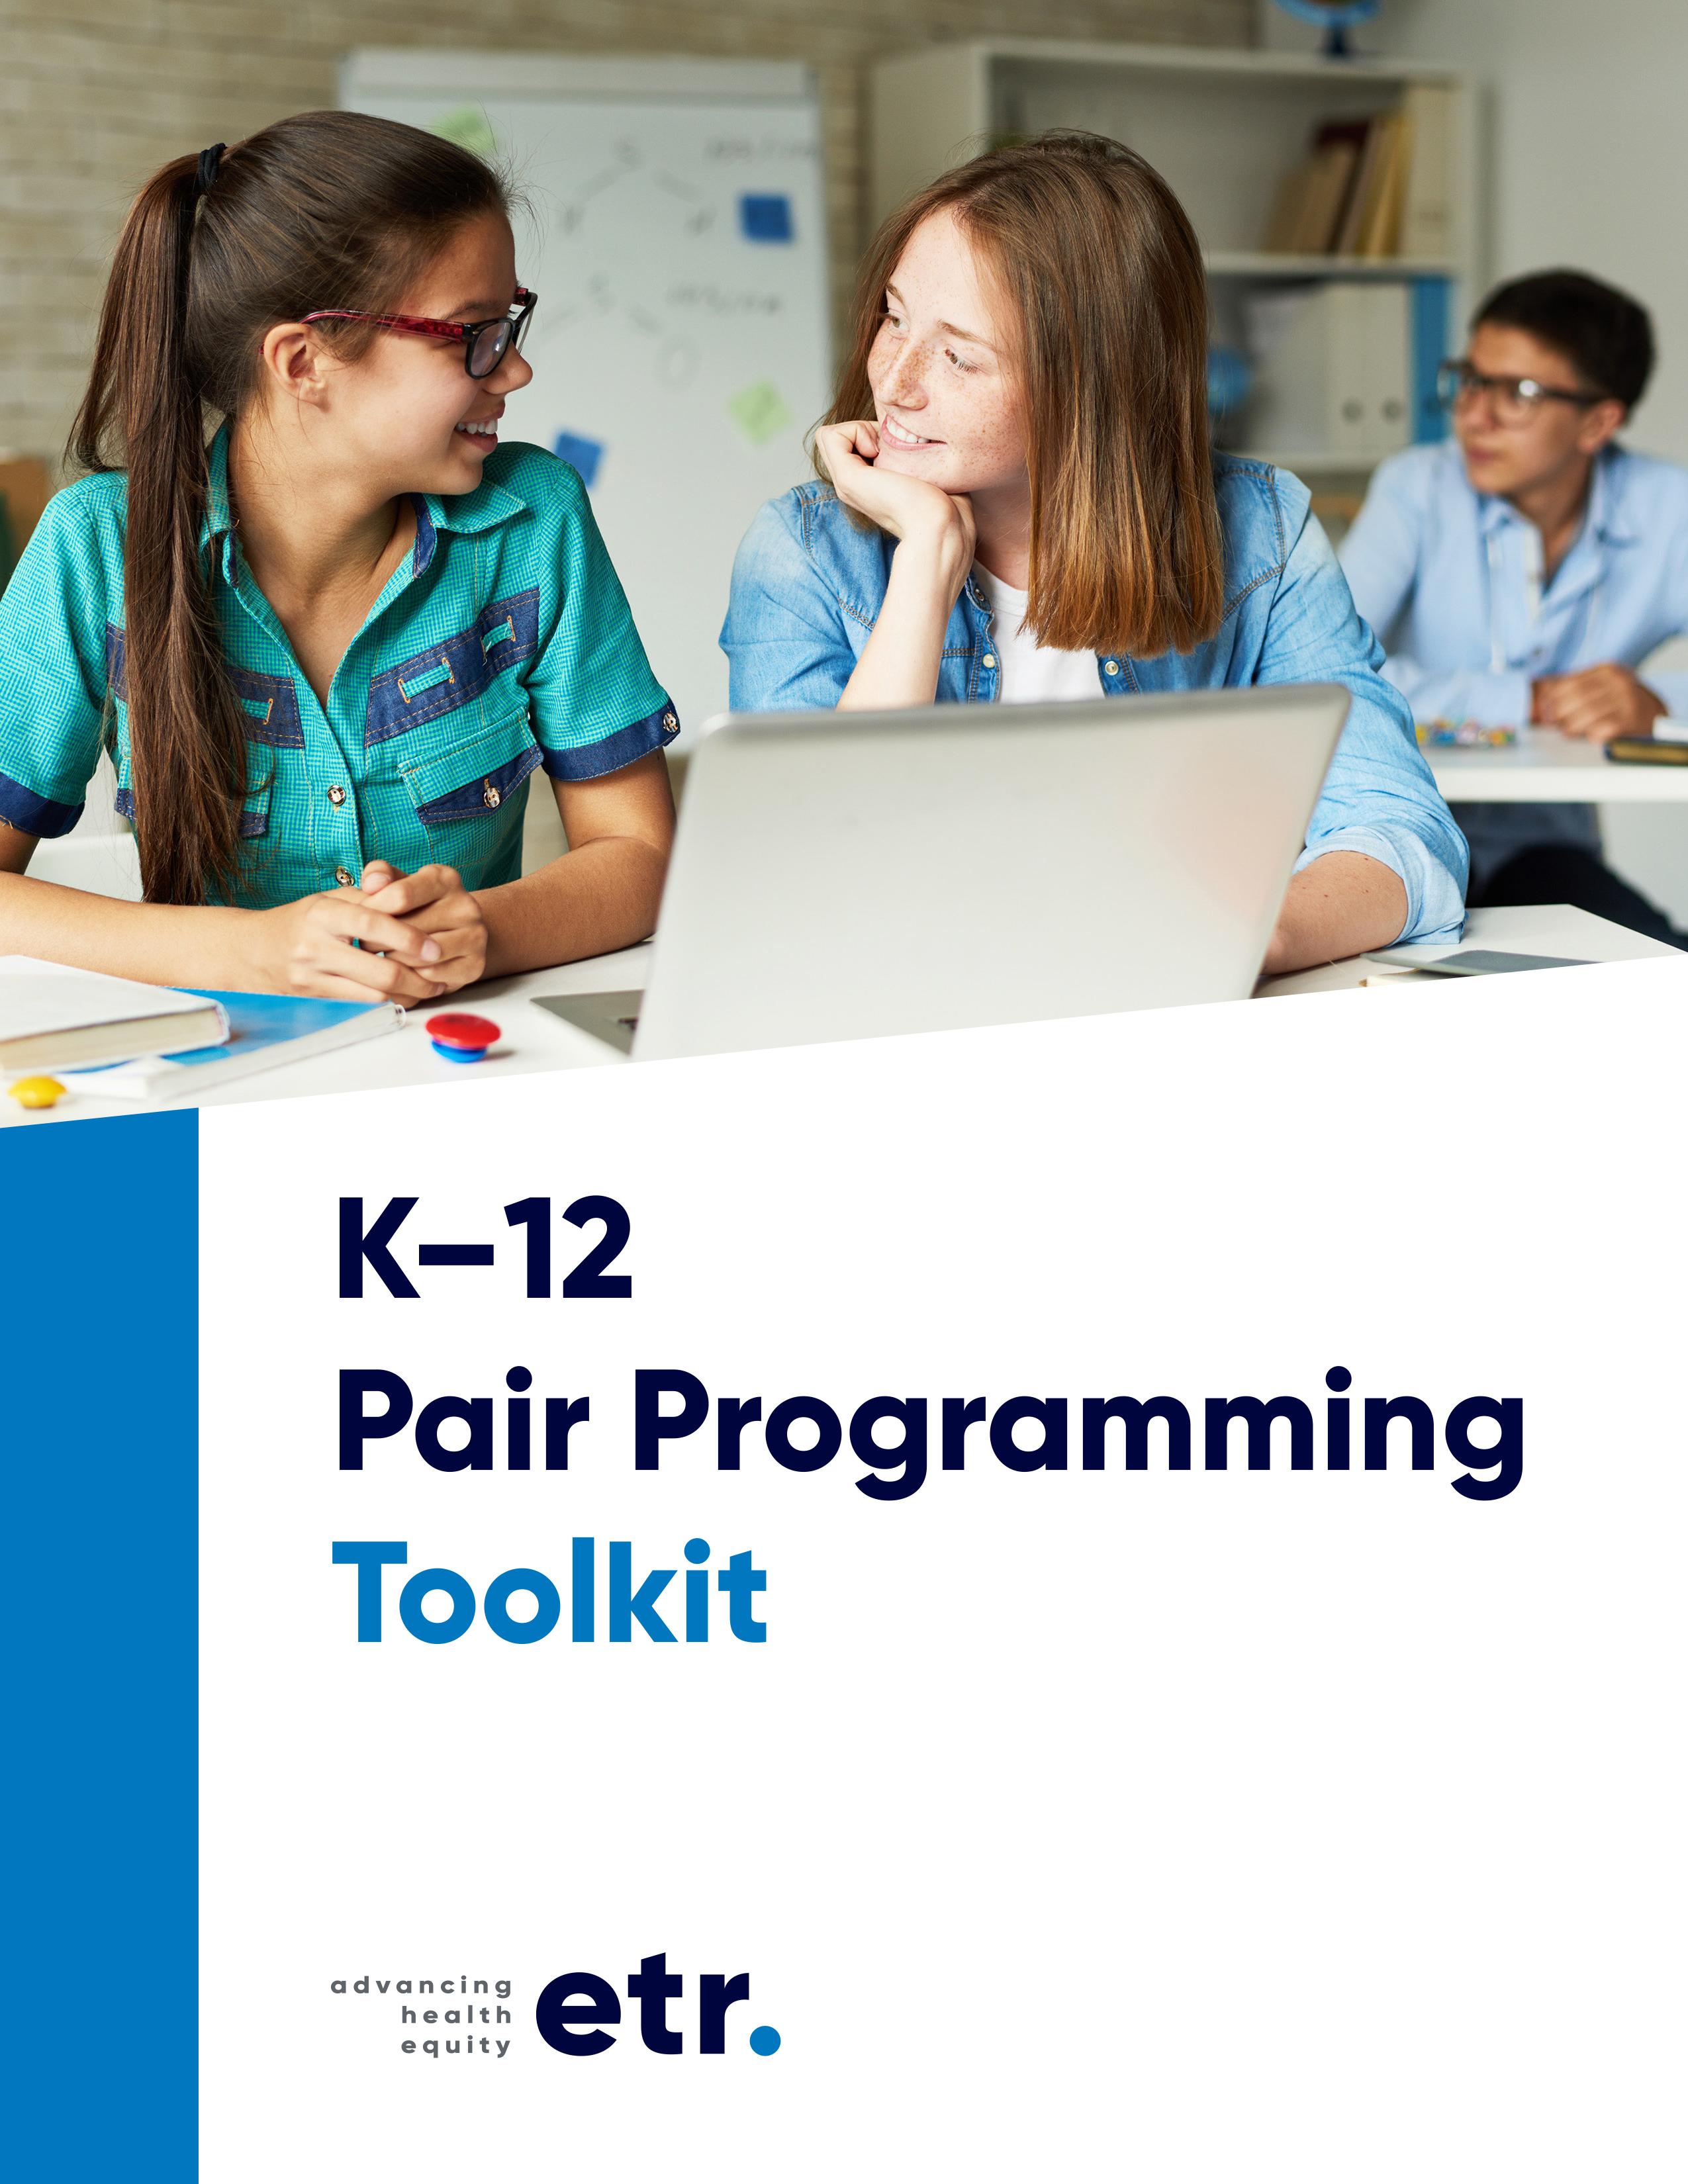 Pair Programming Toolkit_FINAL 7_30_19 1